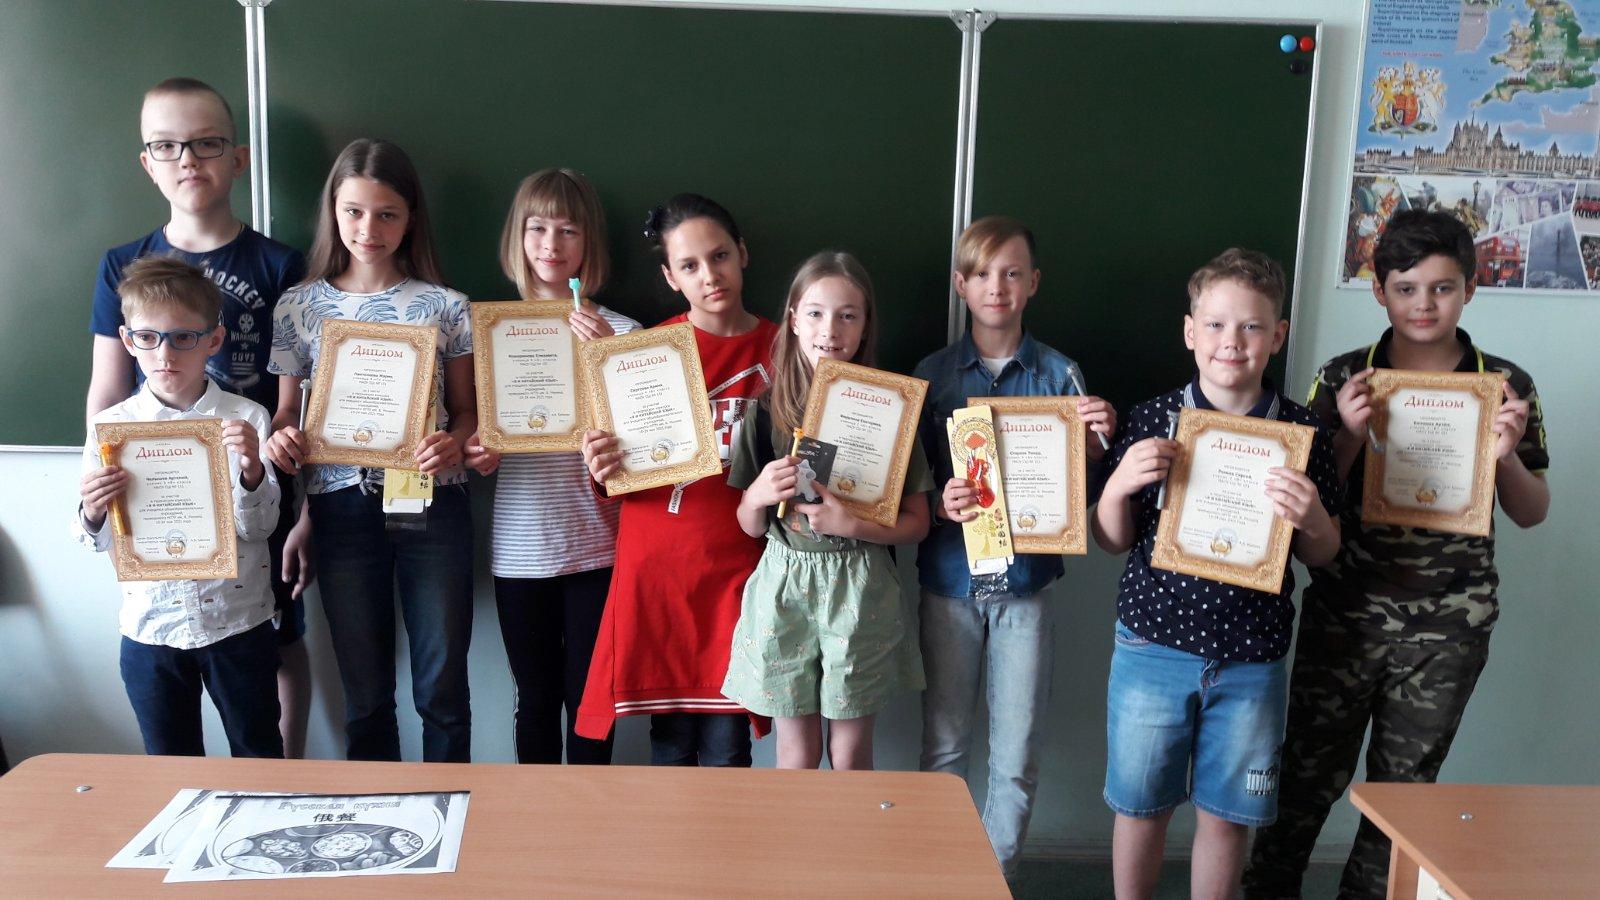 Школьники приняли участие в конкурсе Мининского университета «Я и китайский язык»